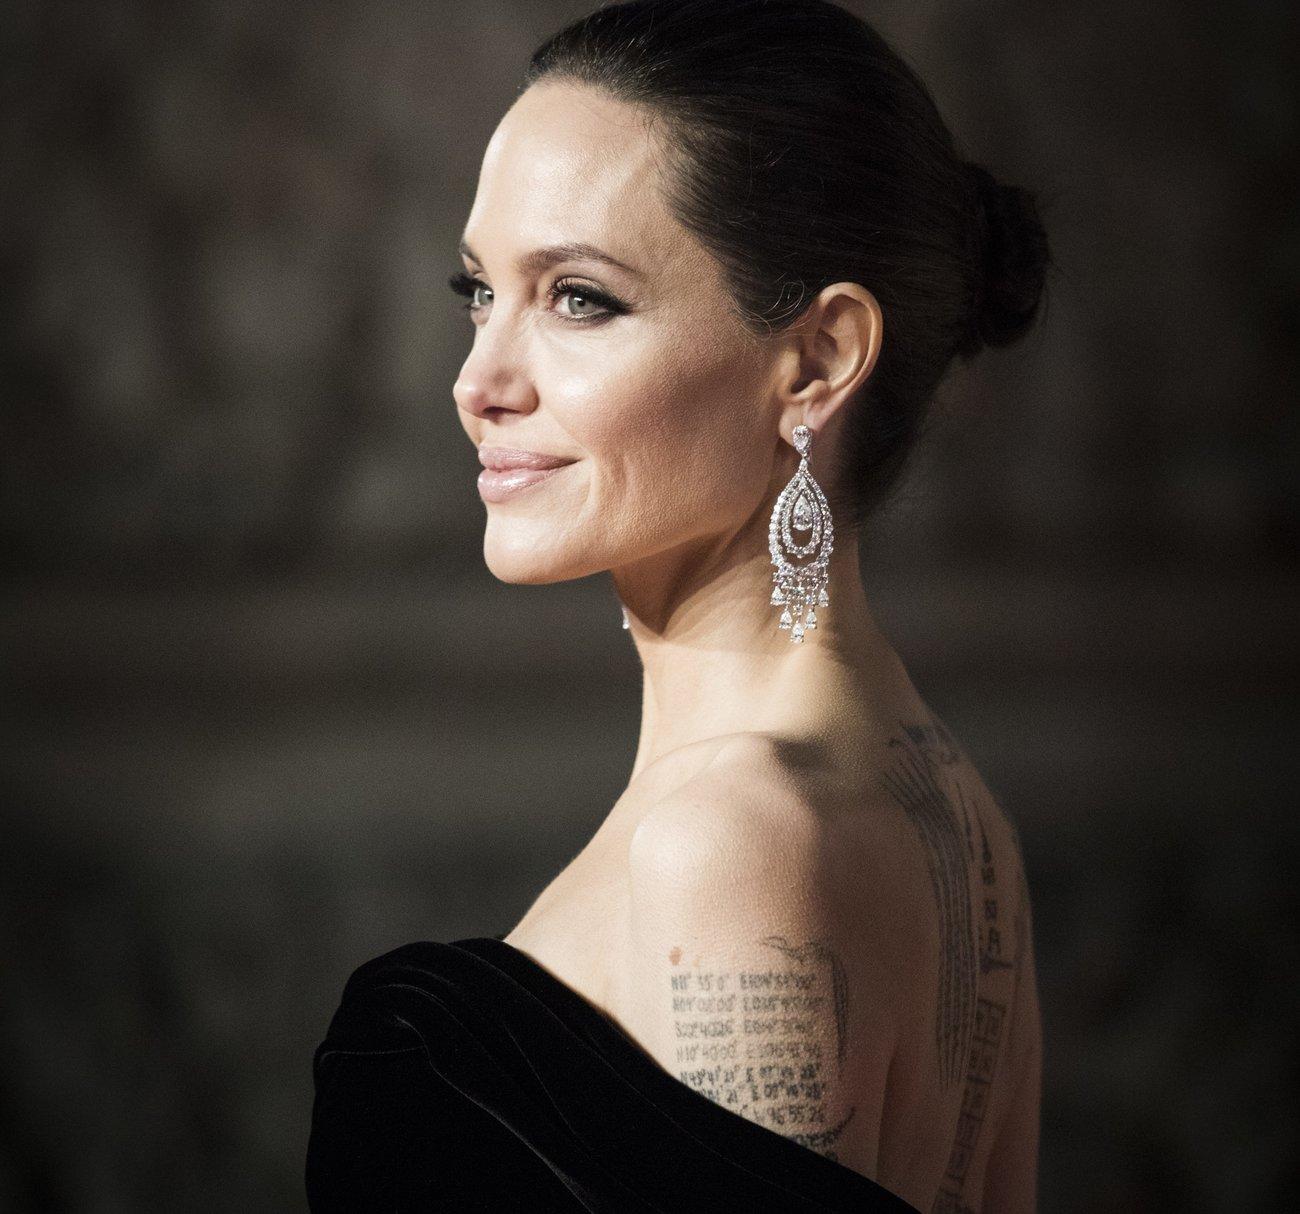 Angelina Jolie Koordinaten-Tattoo